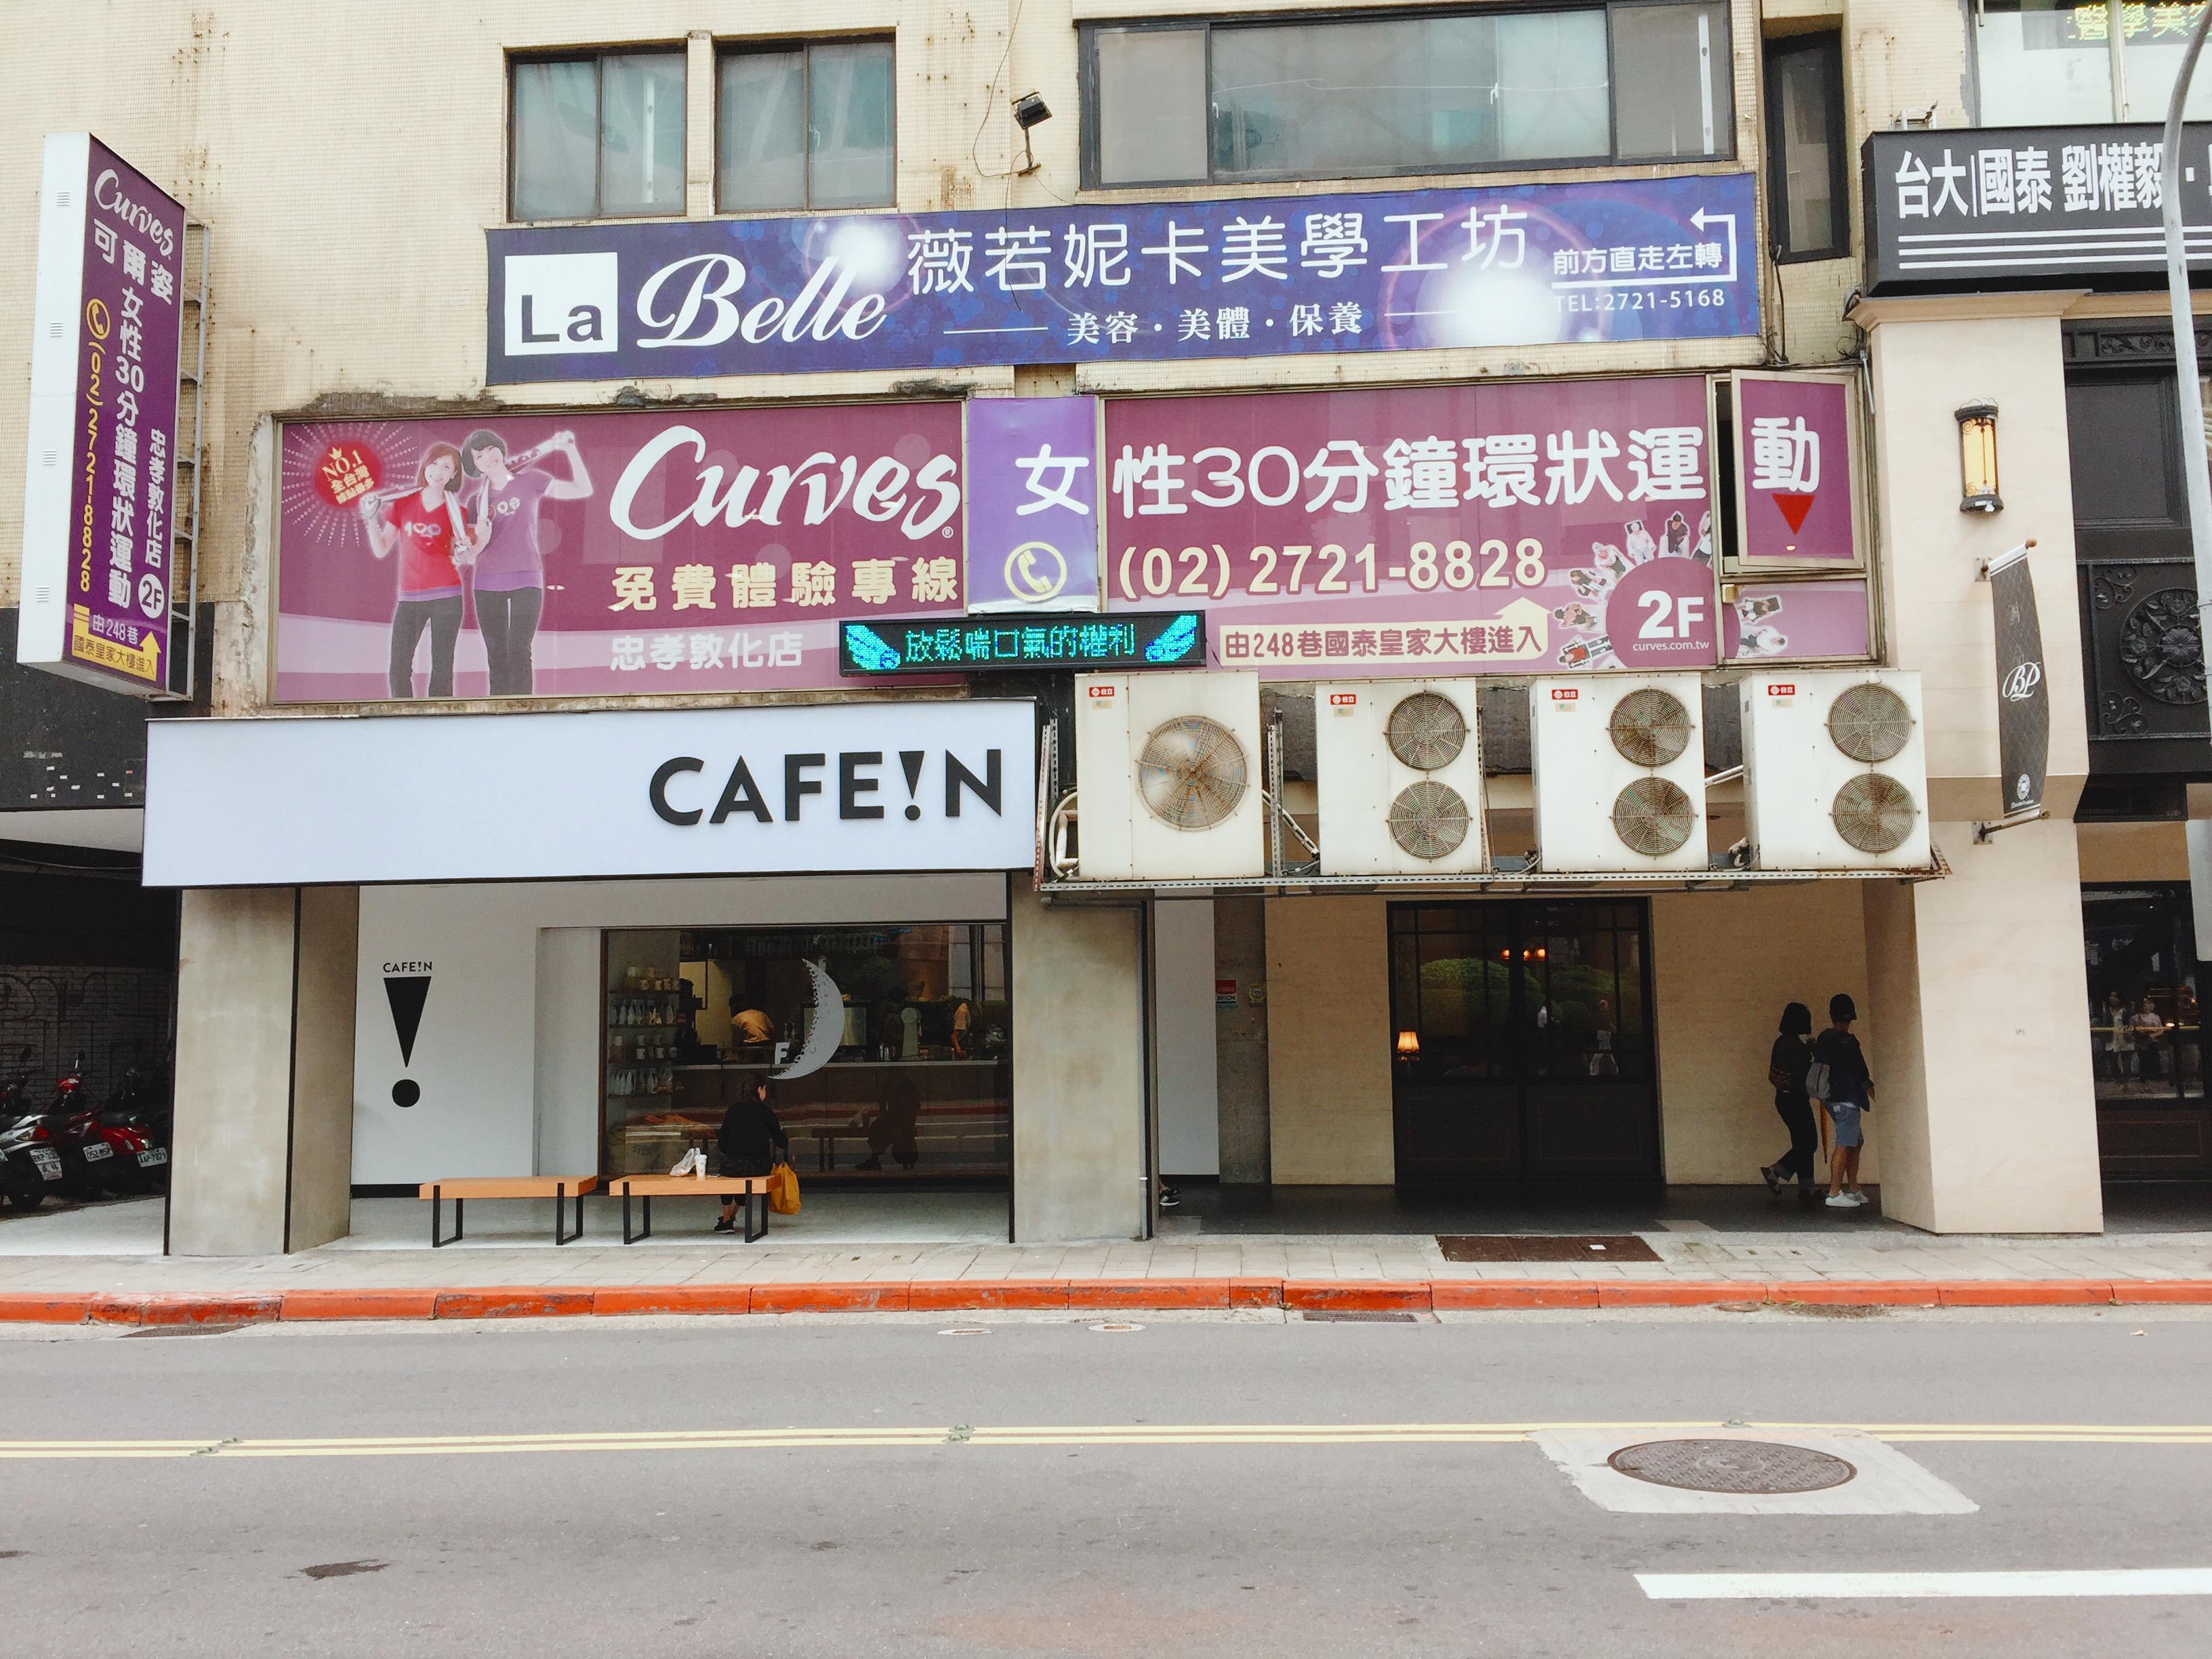 台北東區冠軍咖啡店「 CAFE!N 硬咖啡 」,藝伎只要新台幣150元